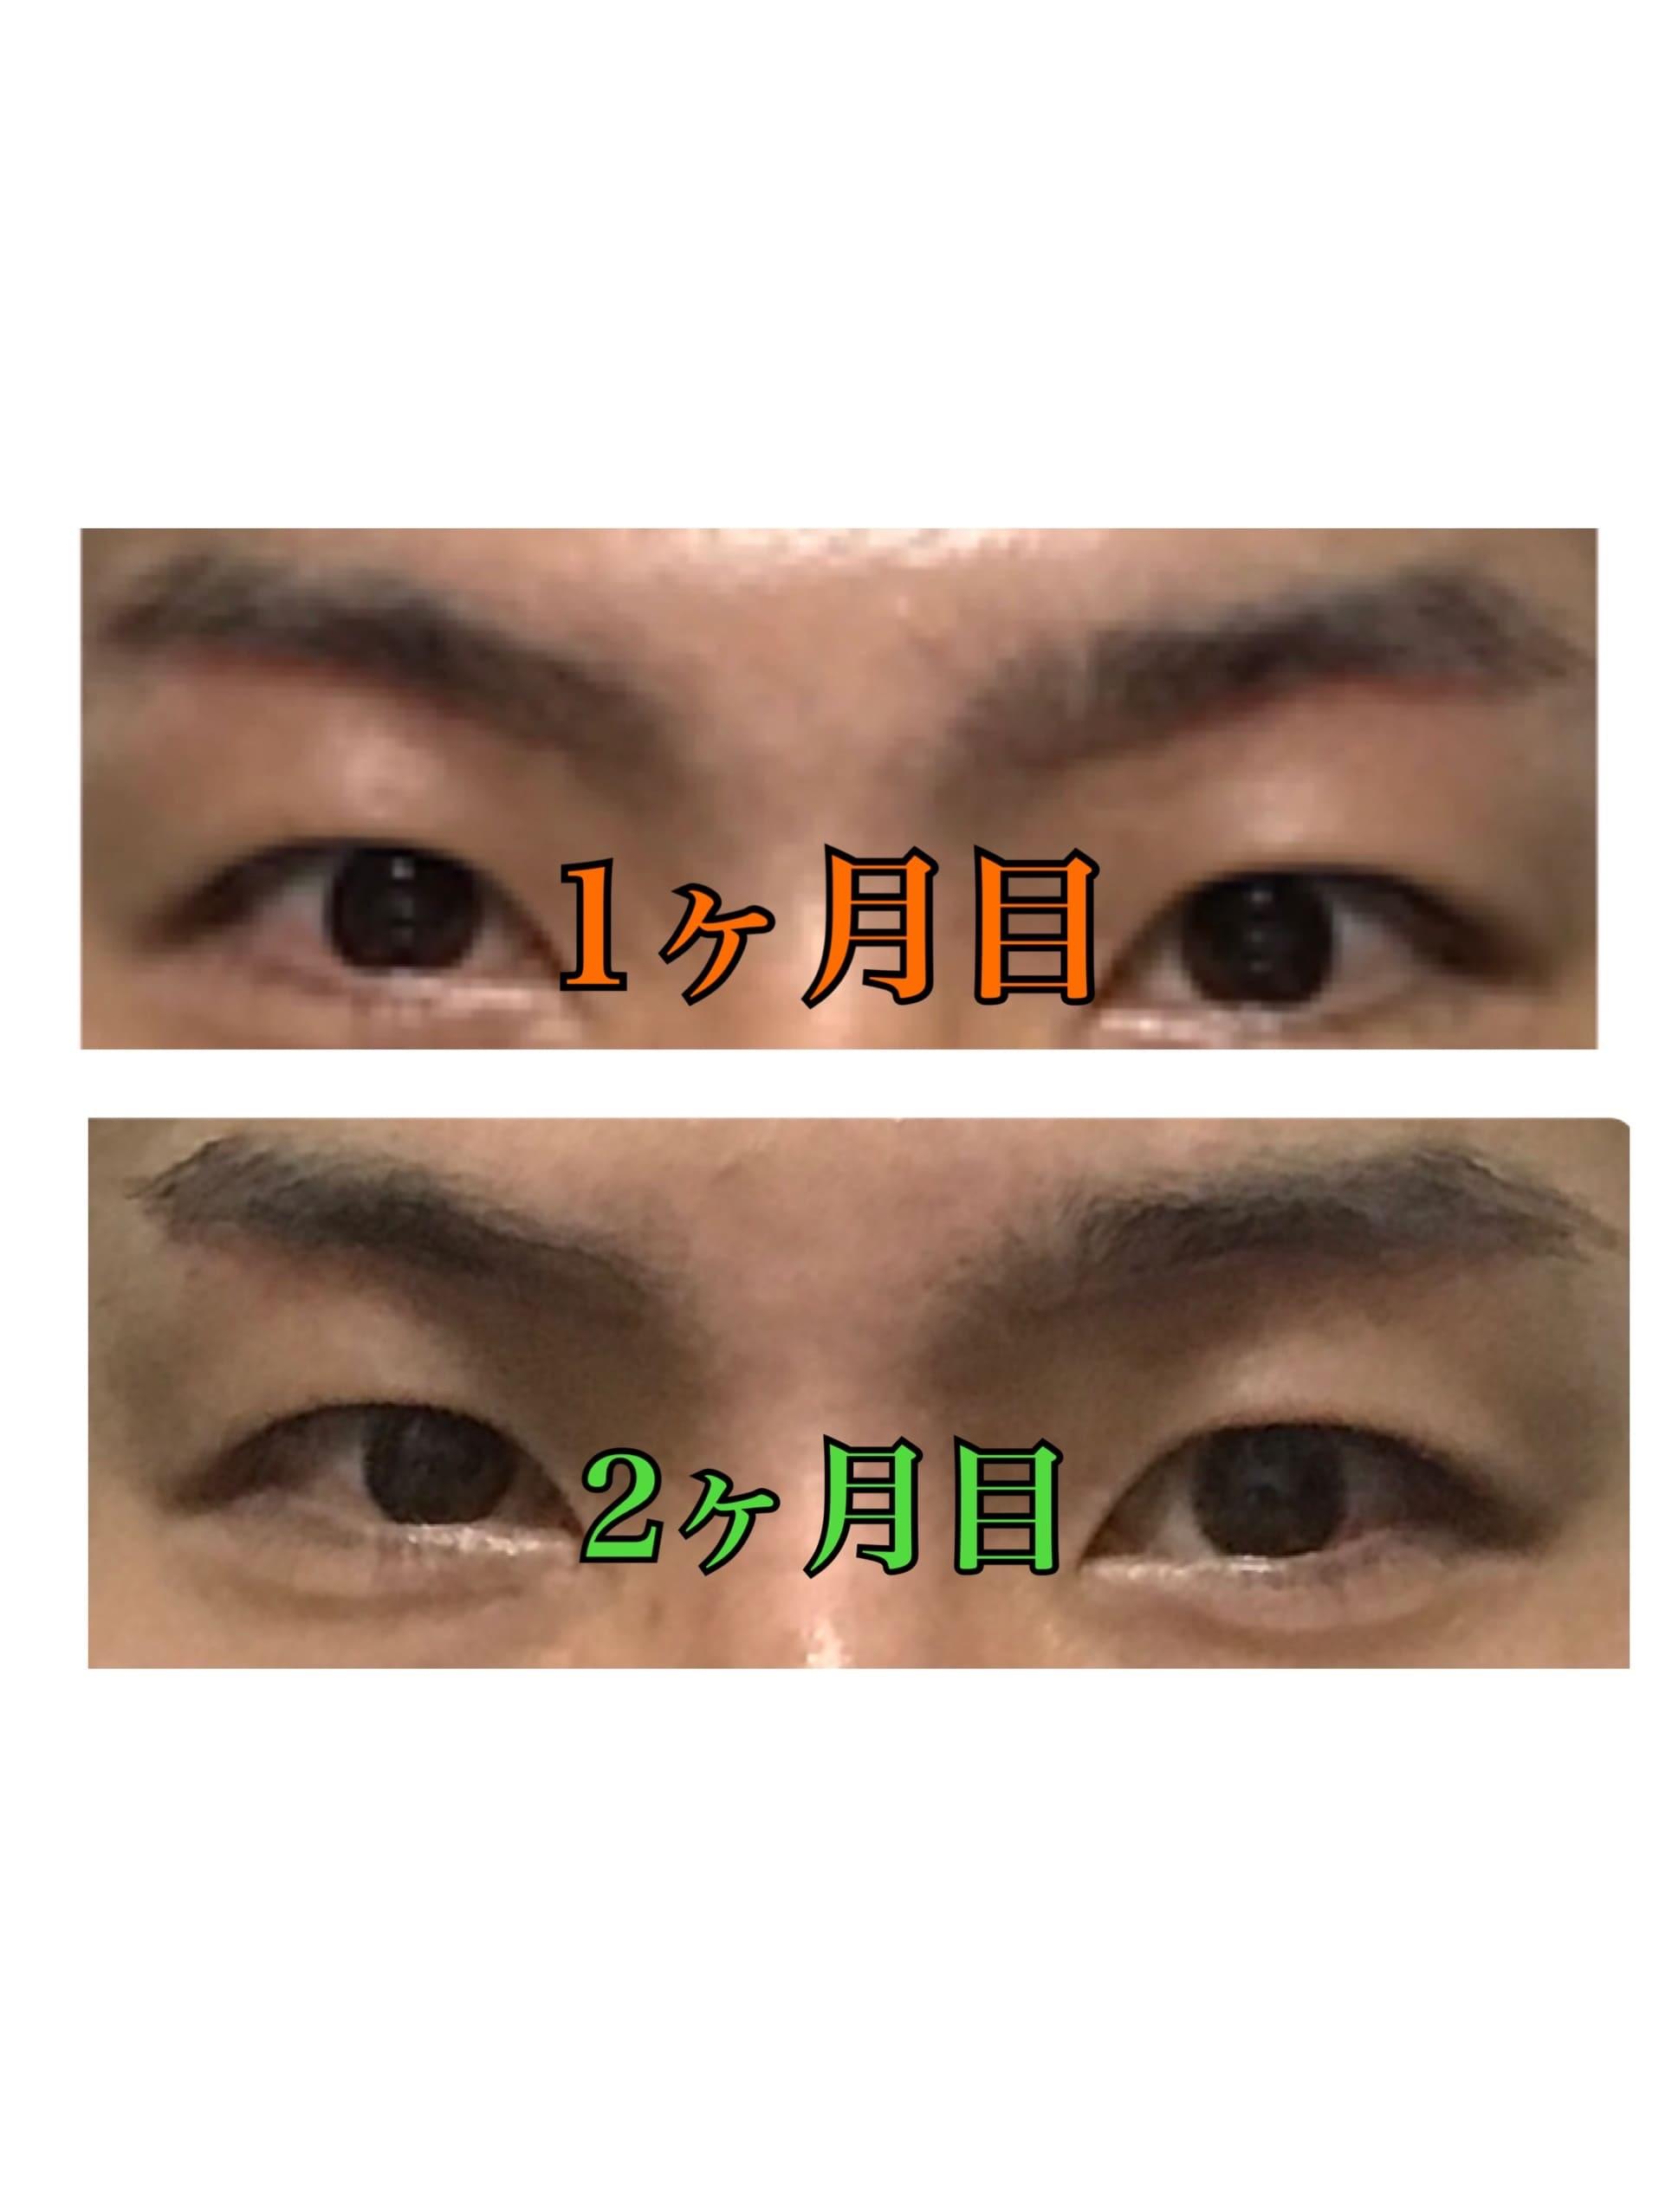 f:id:renji_tiger:20181212222840j:image